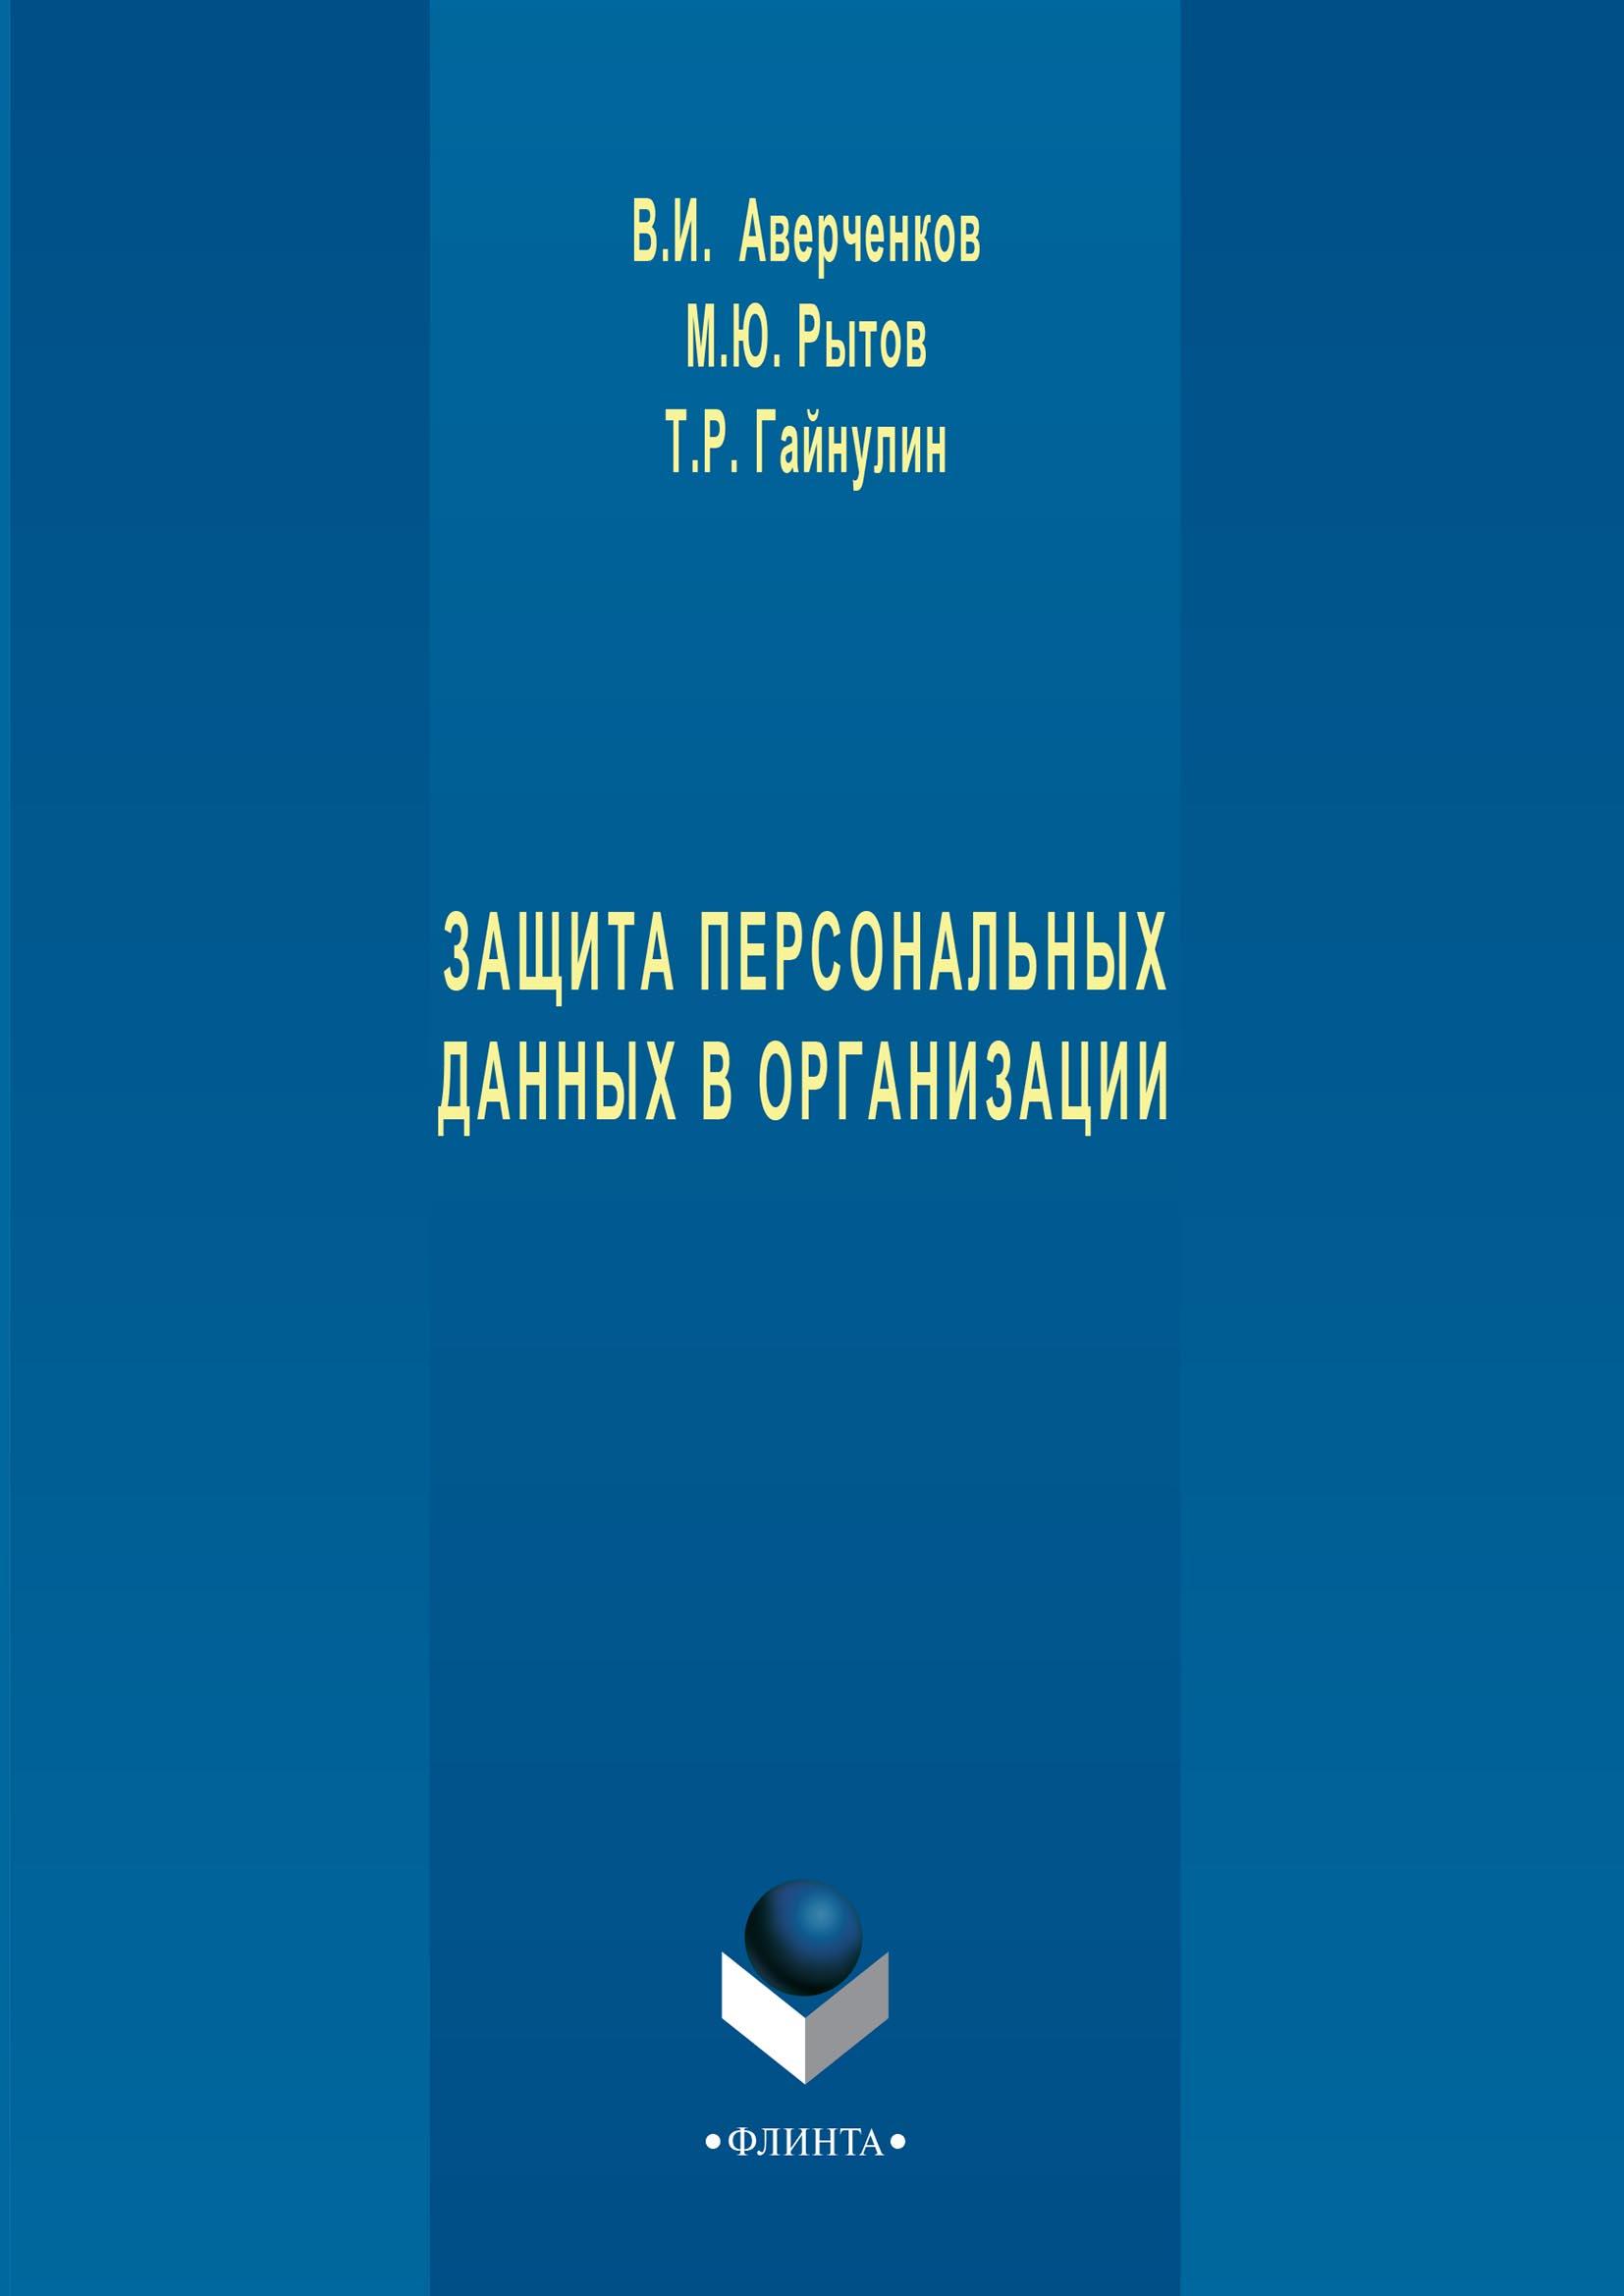 В. И. Аверченков Защита персональных данных в организации в и аверченков защита персональных данных в организации